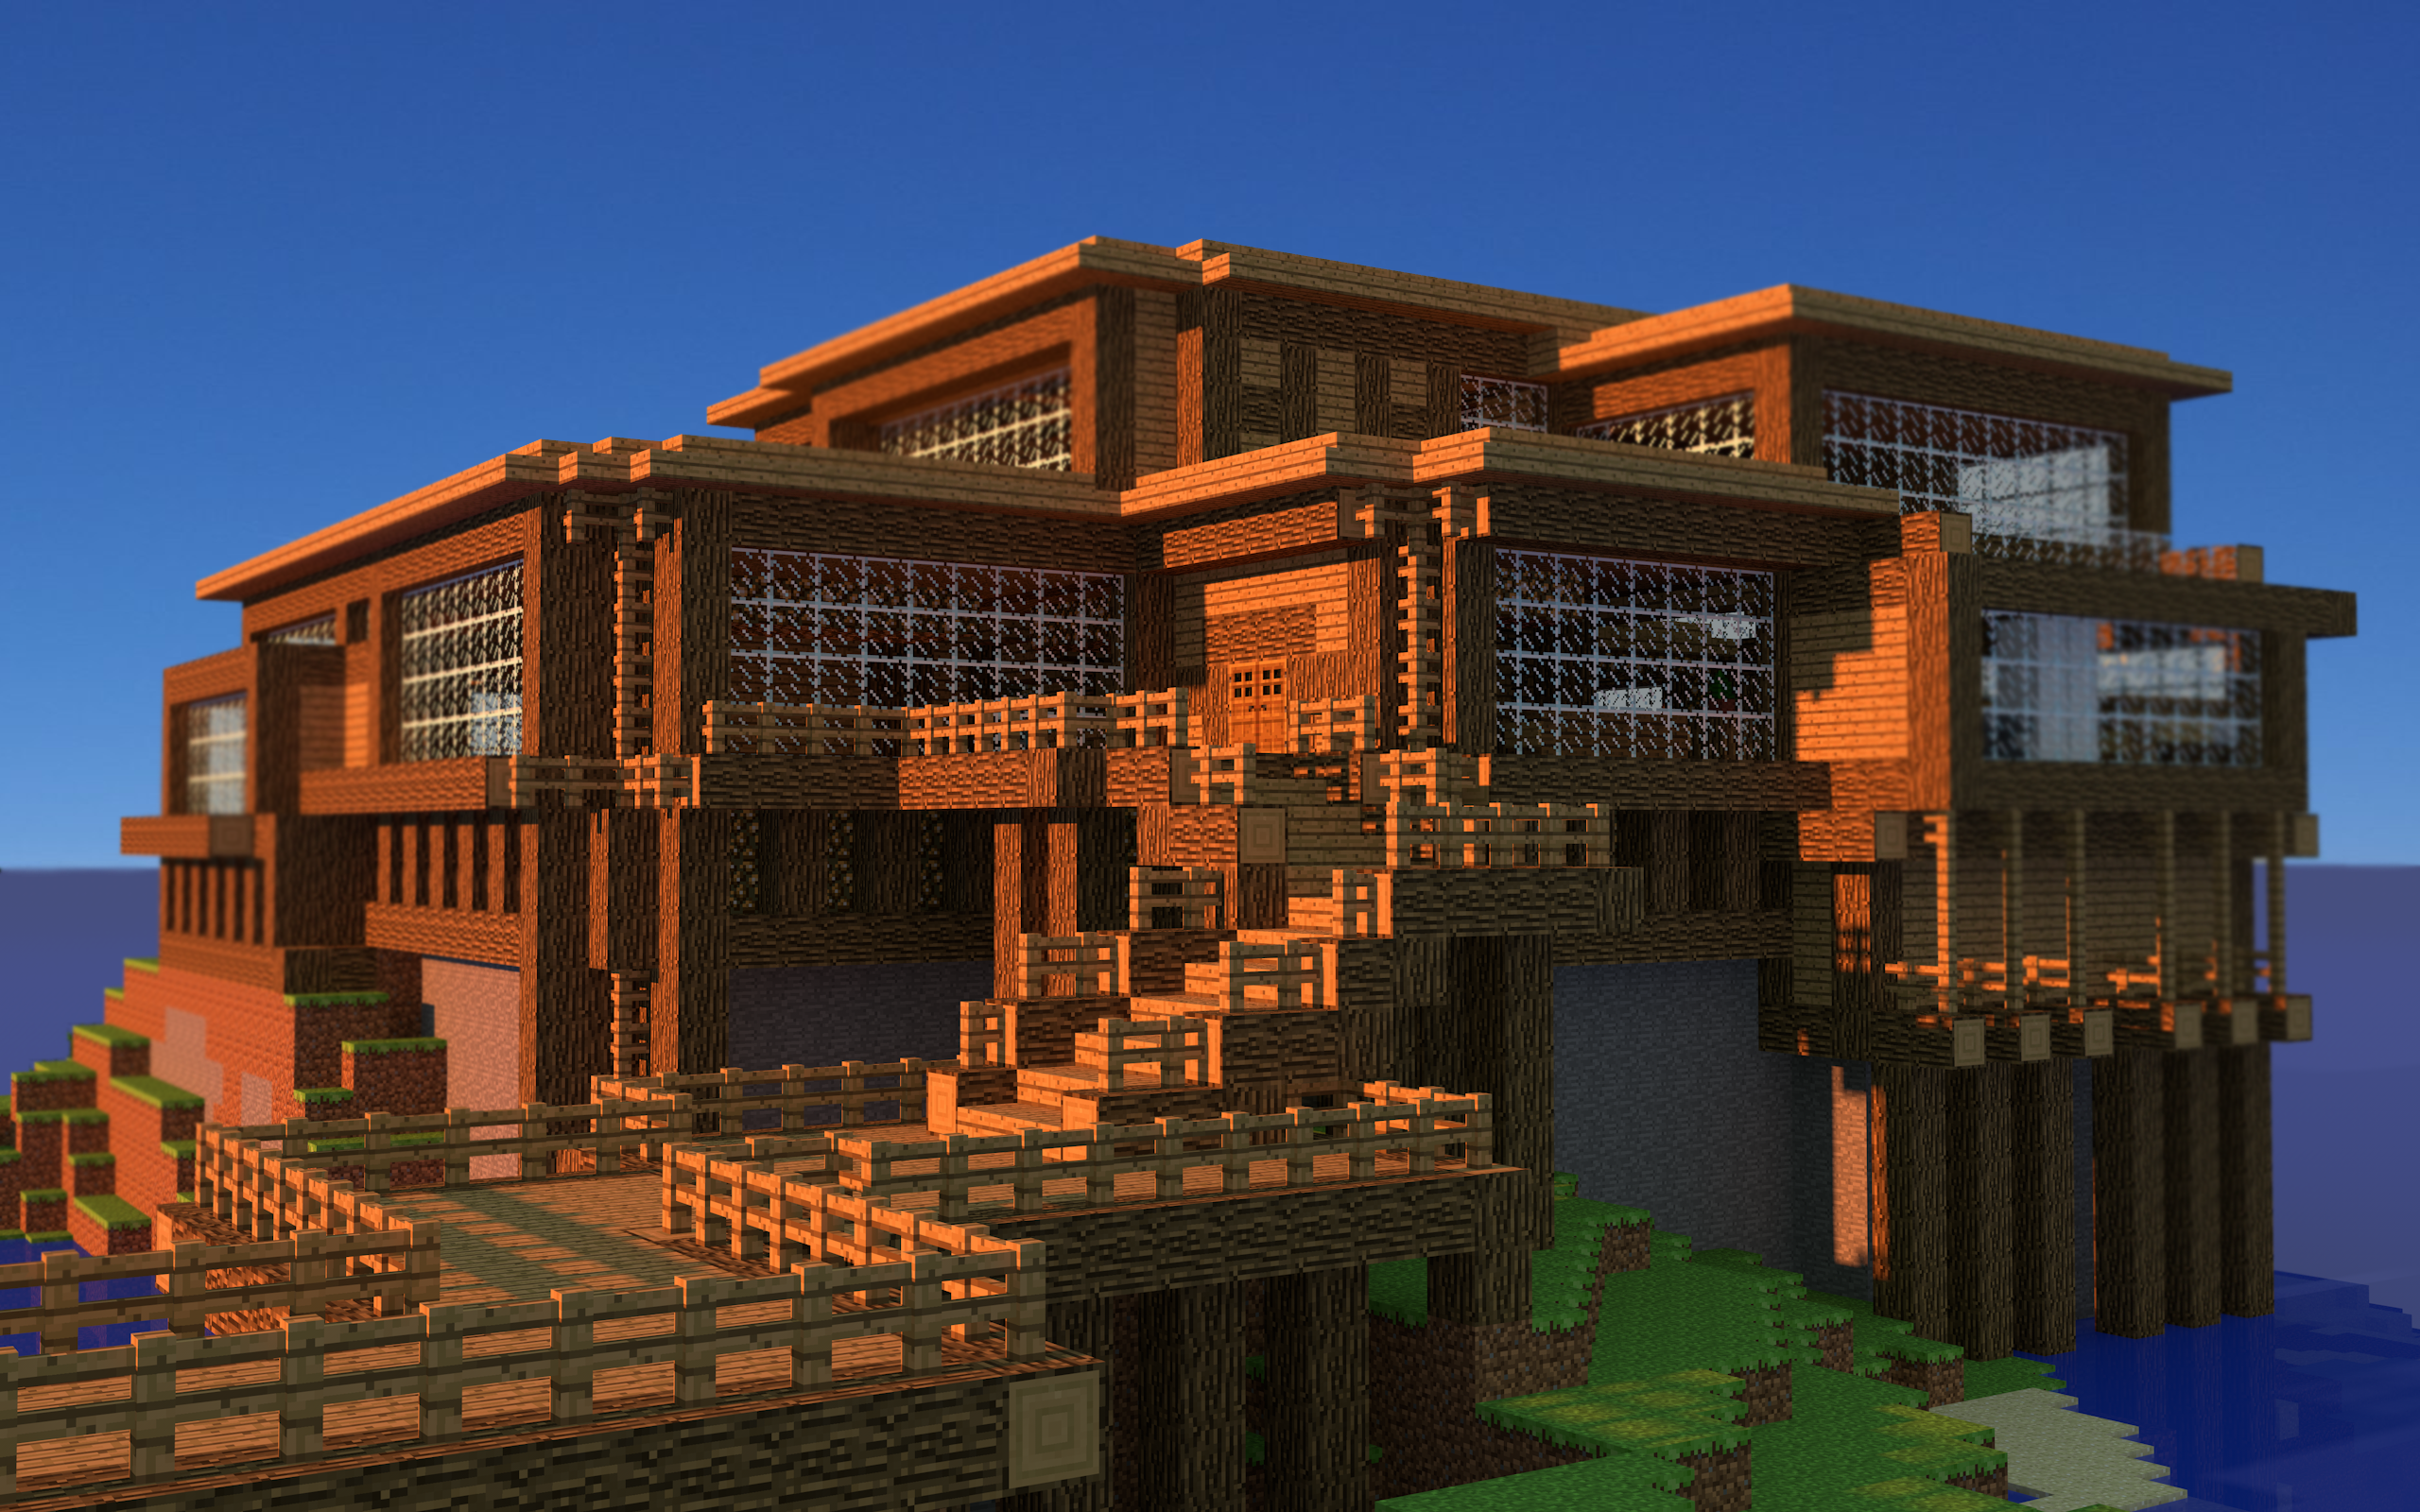 minecraft beach house minecraftgallery minecraft beach house